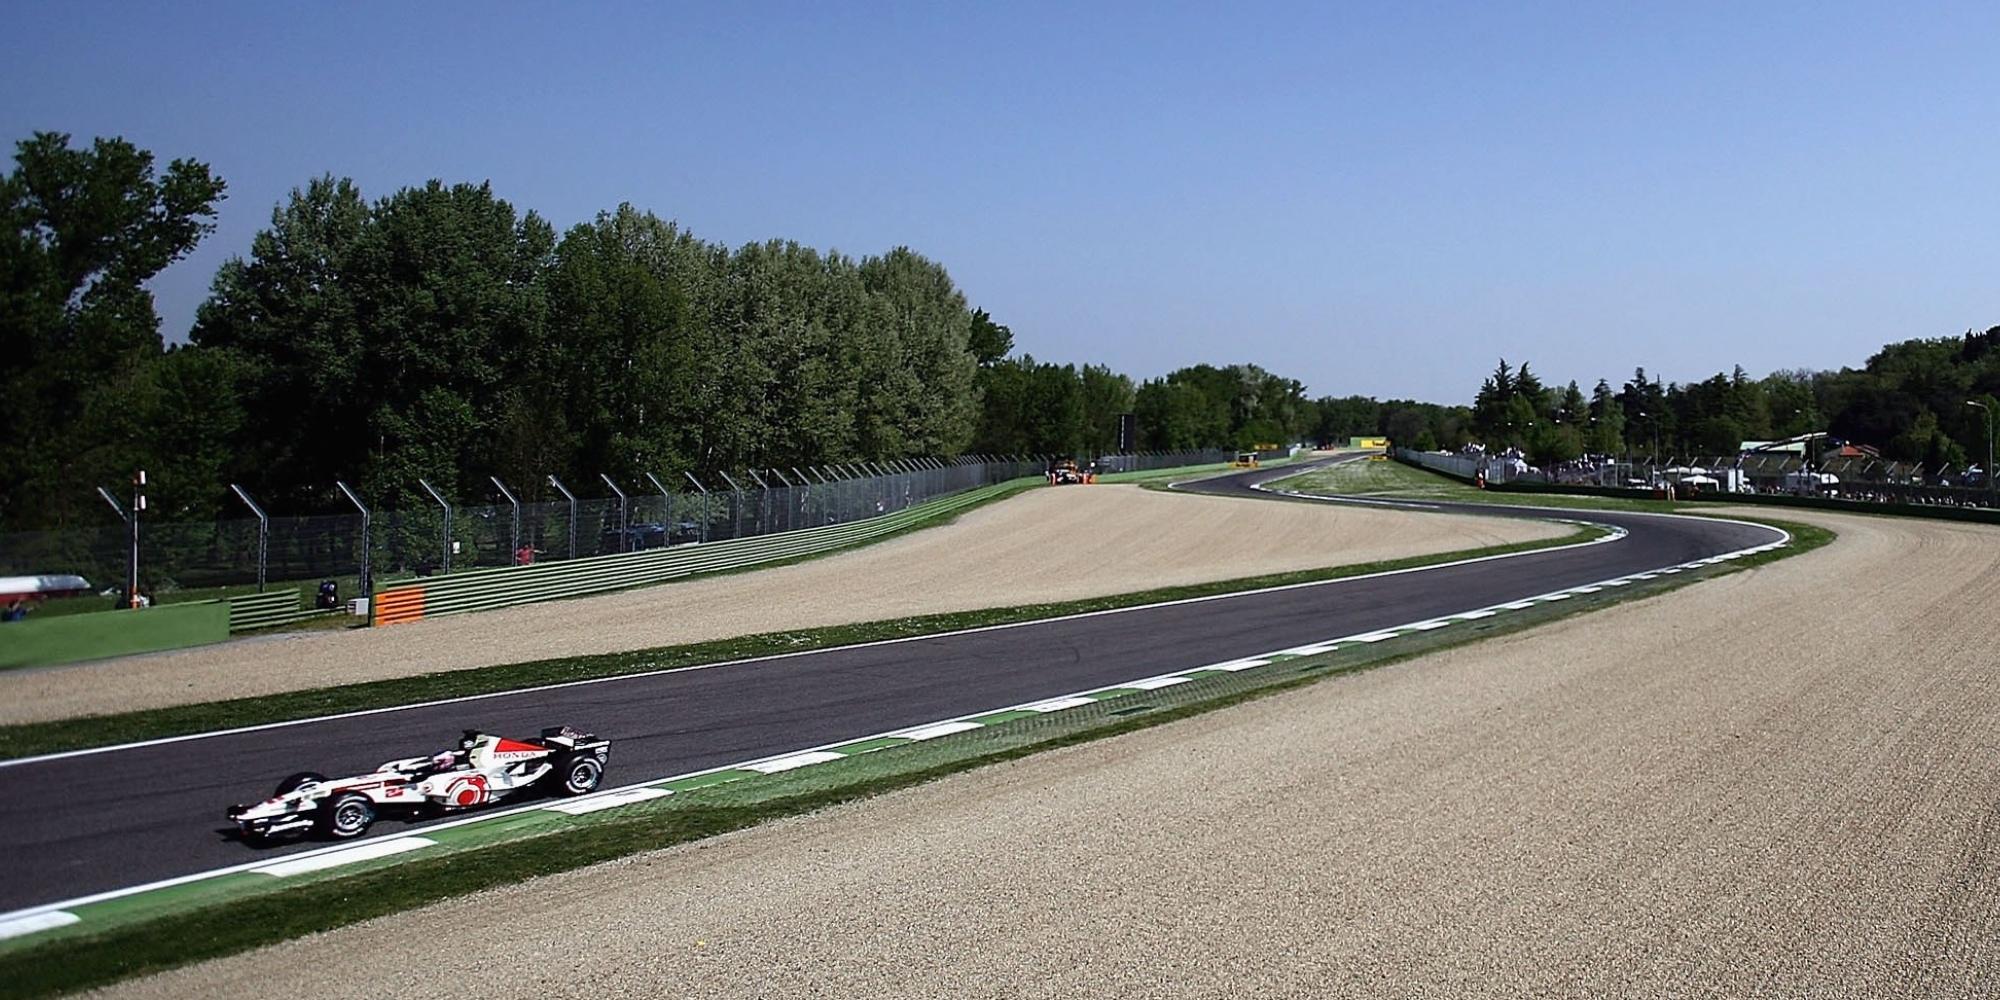 Jenson Button, Imola 2006